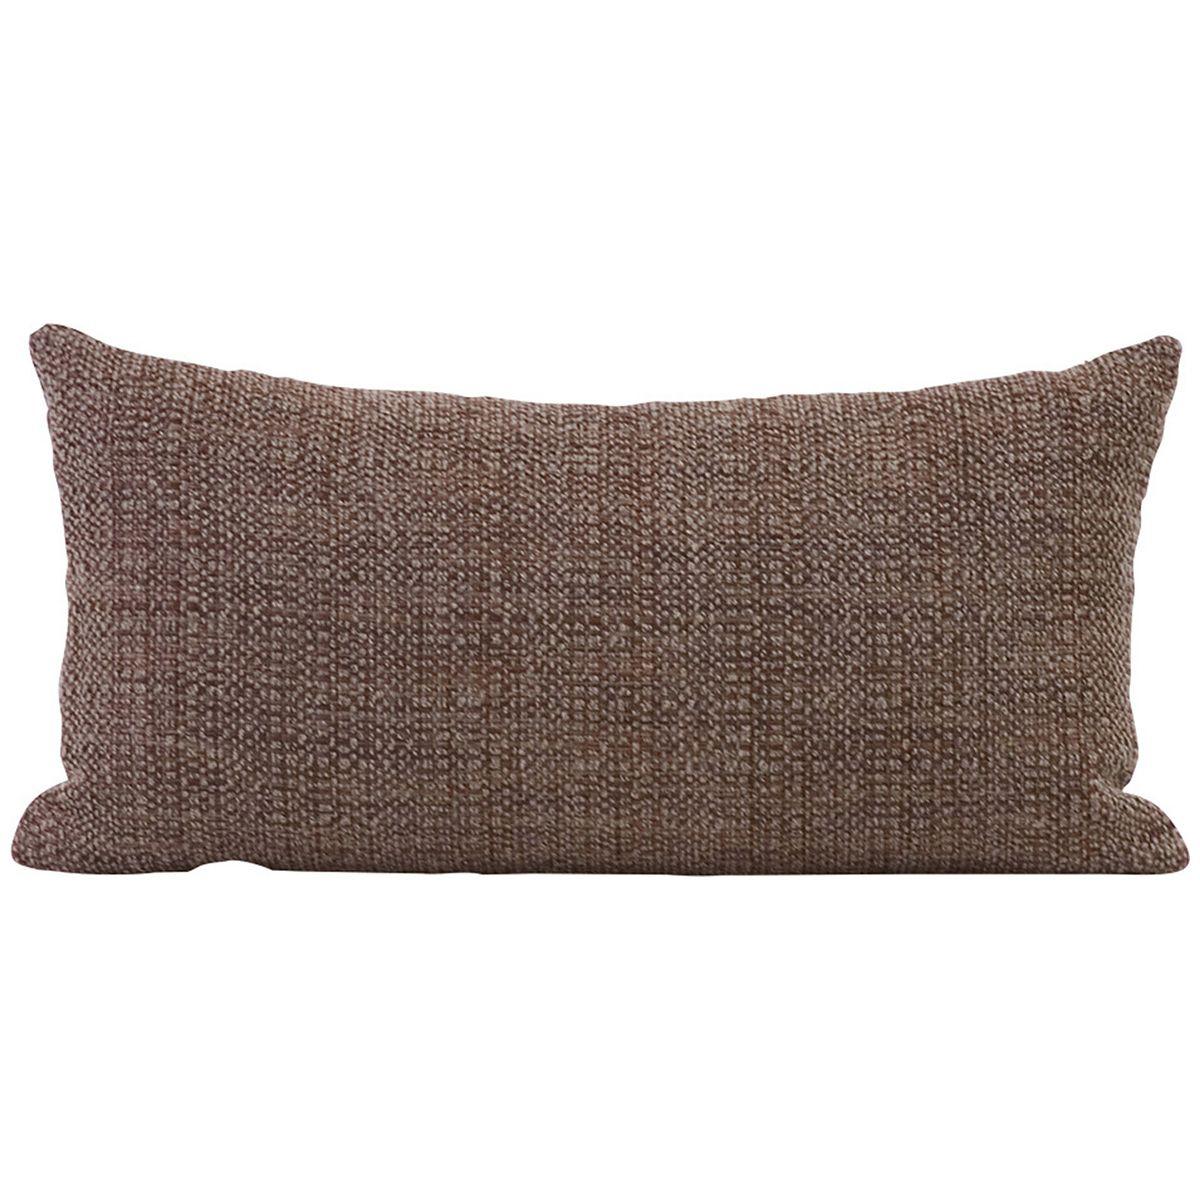 Howard Elliott Coco Slate Kidney Pillow 4-891